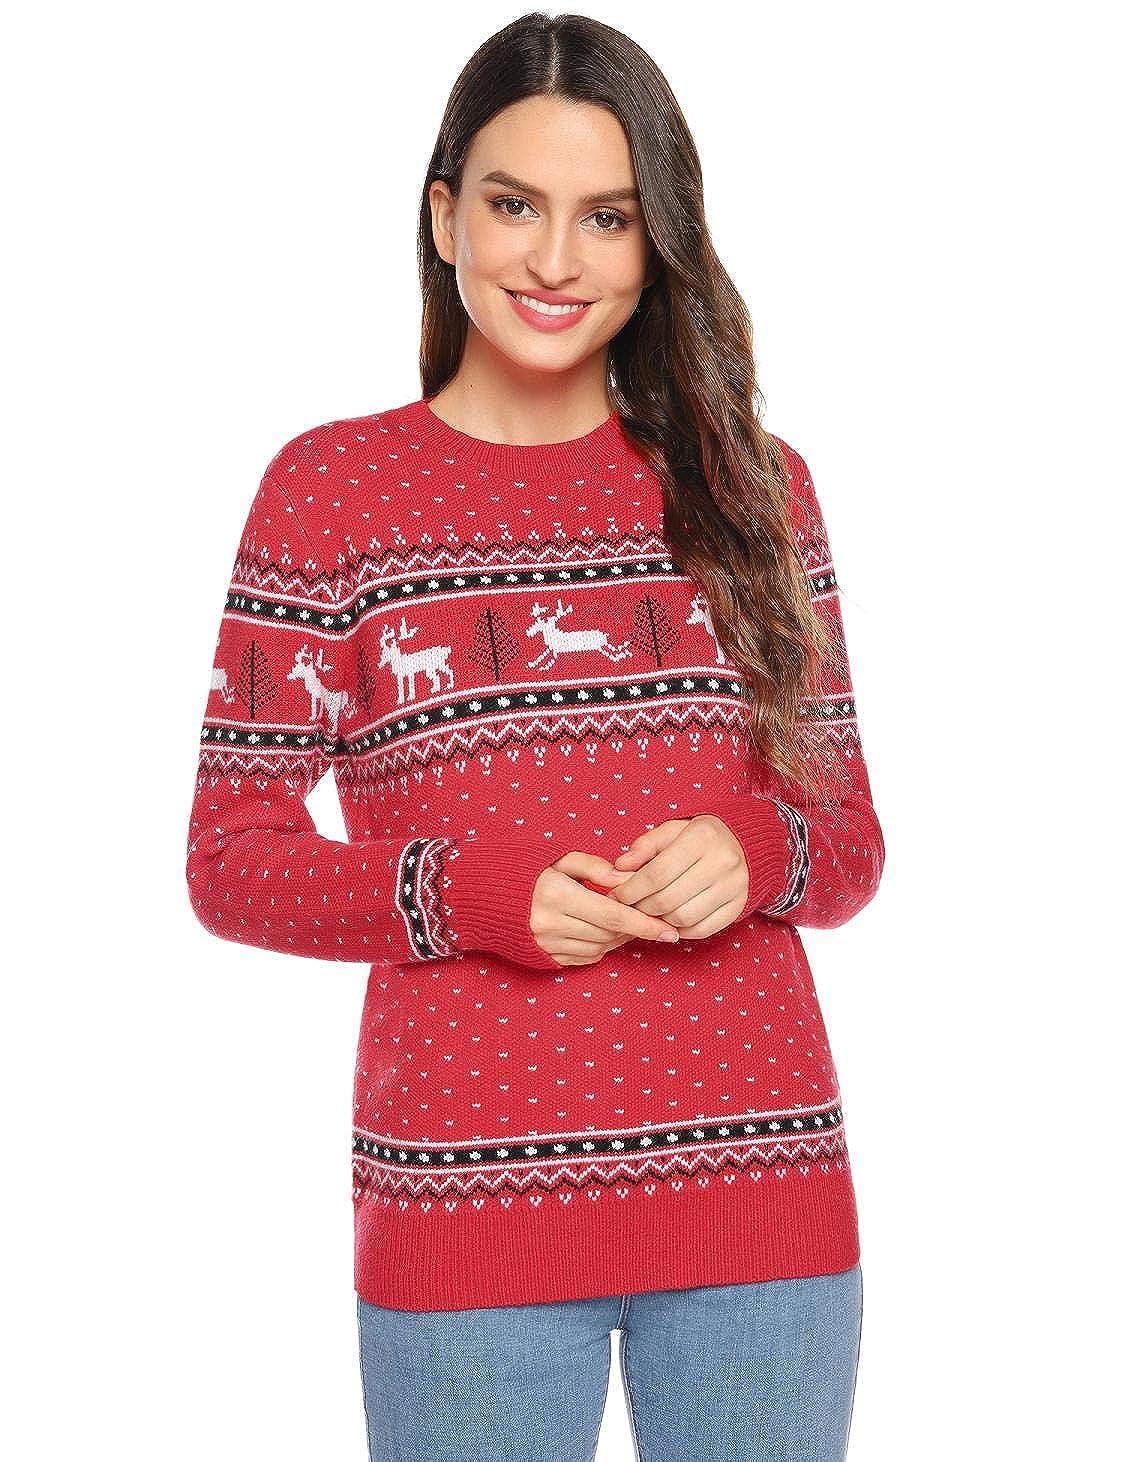 Akalnny Weihnachtspullover Familie Set Pulli Pullover Damen Reindeer Strickpullover Christmas Rundhals Sweater Winter Damen Herren Kinder